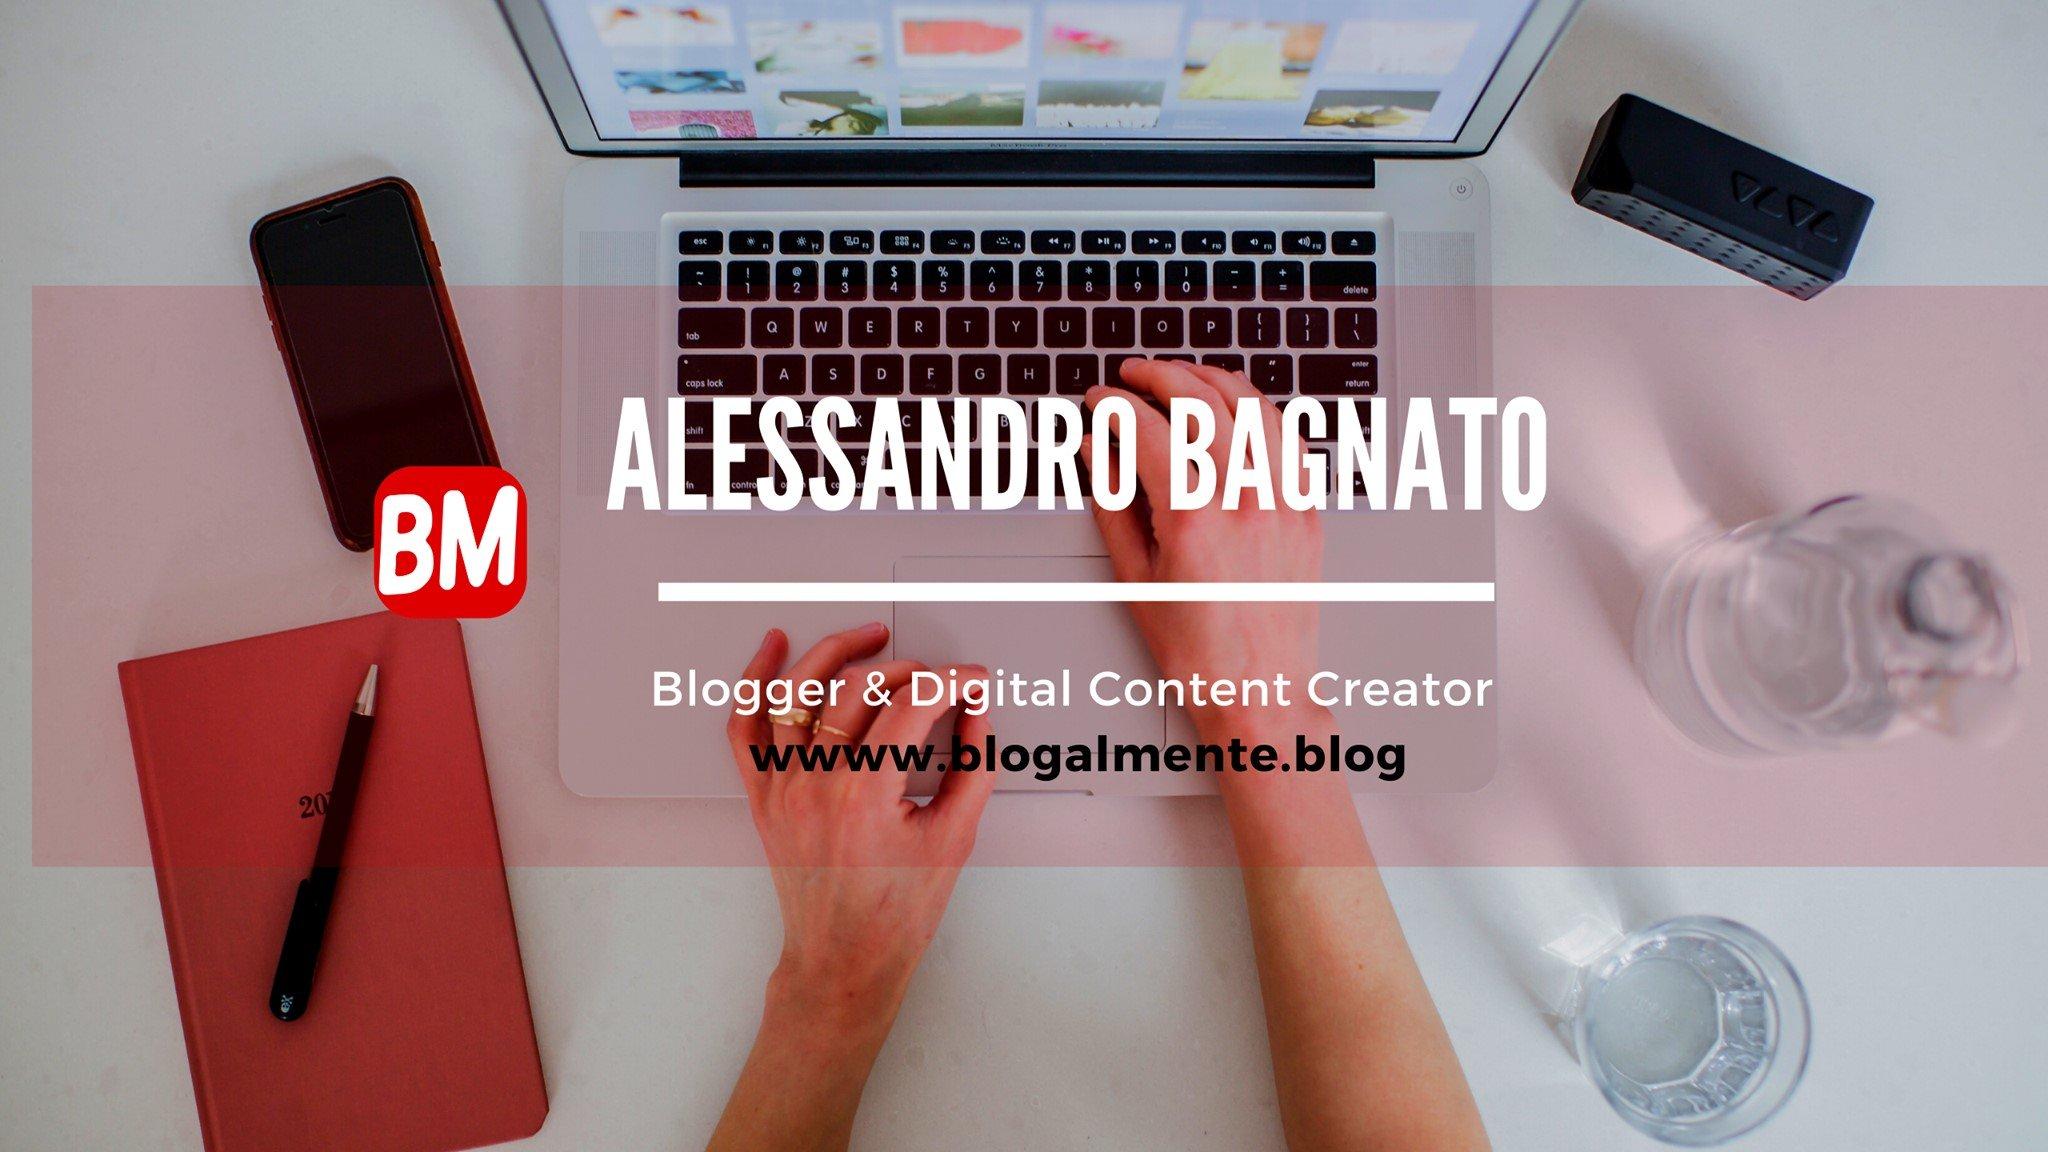 Risorse Gratuite di BlogAlMente.